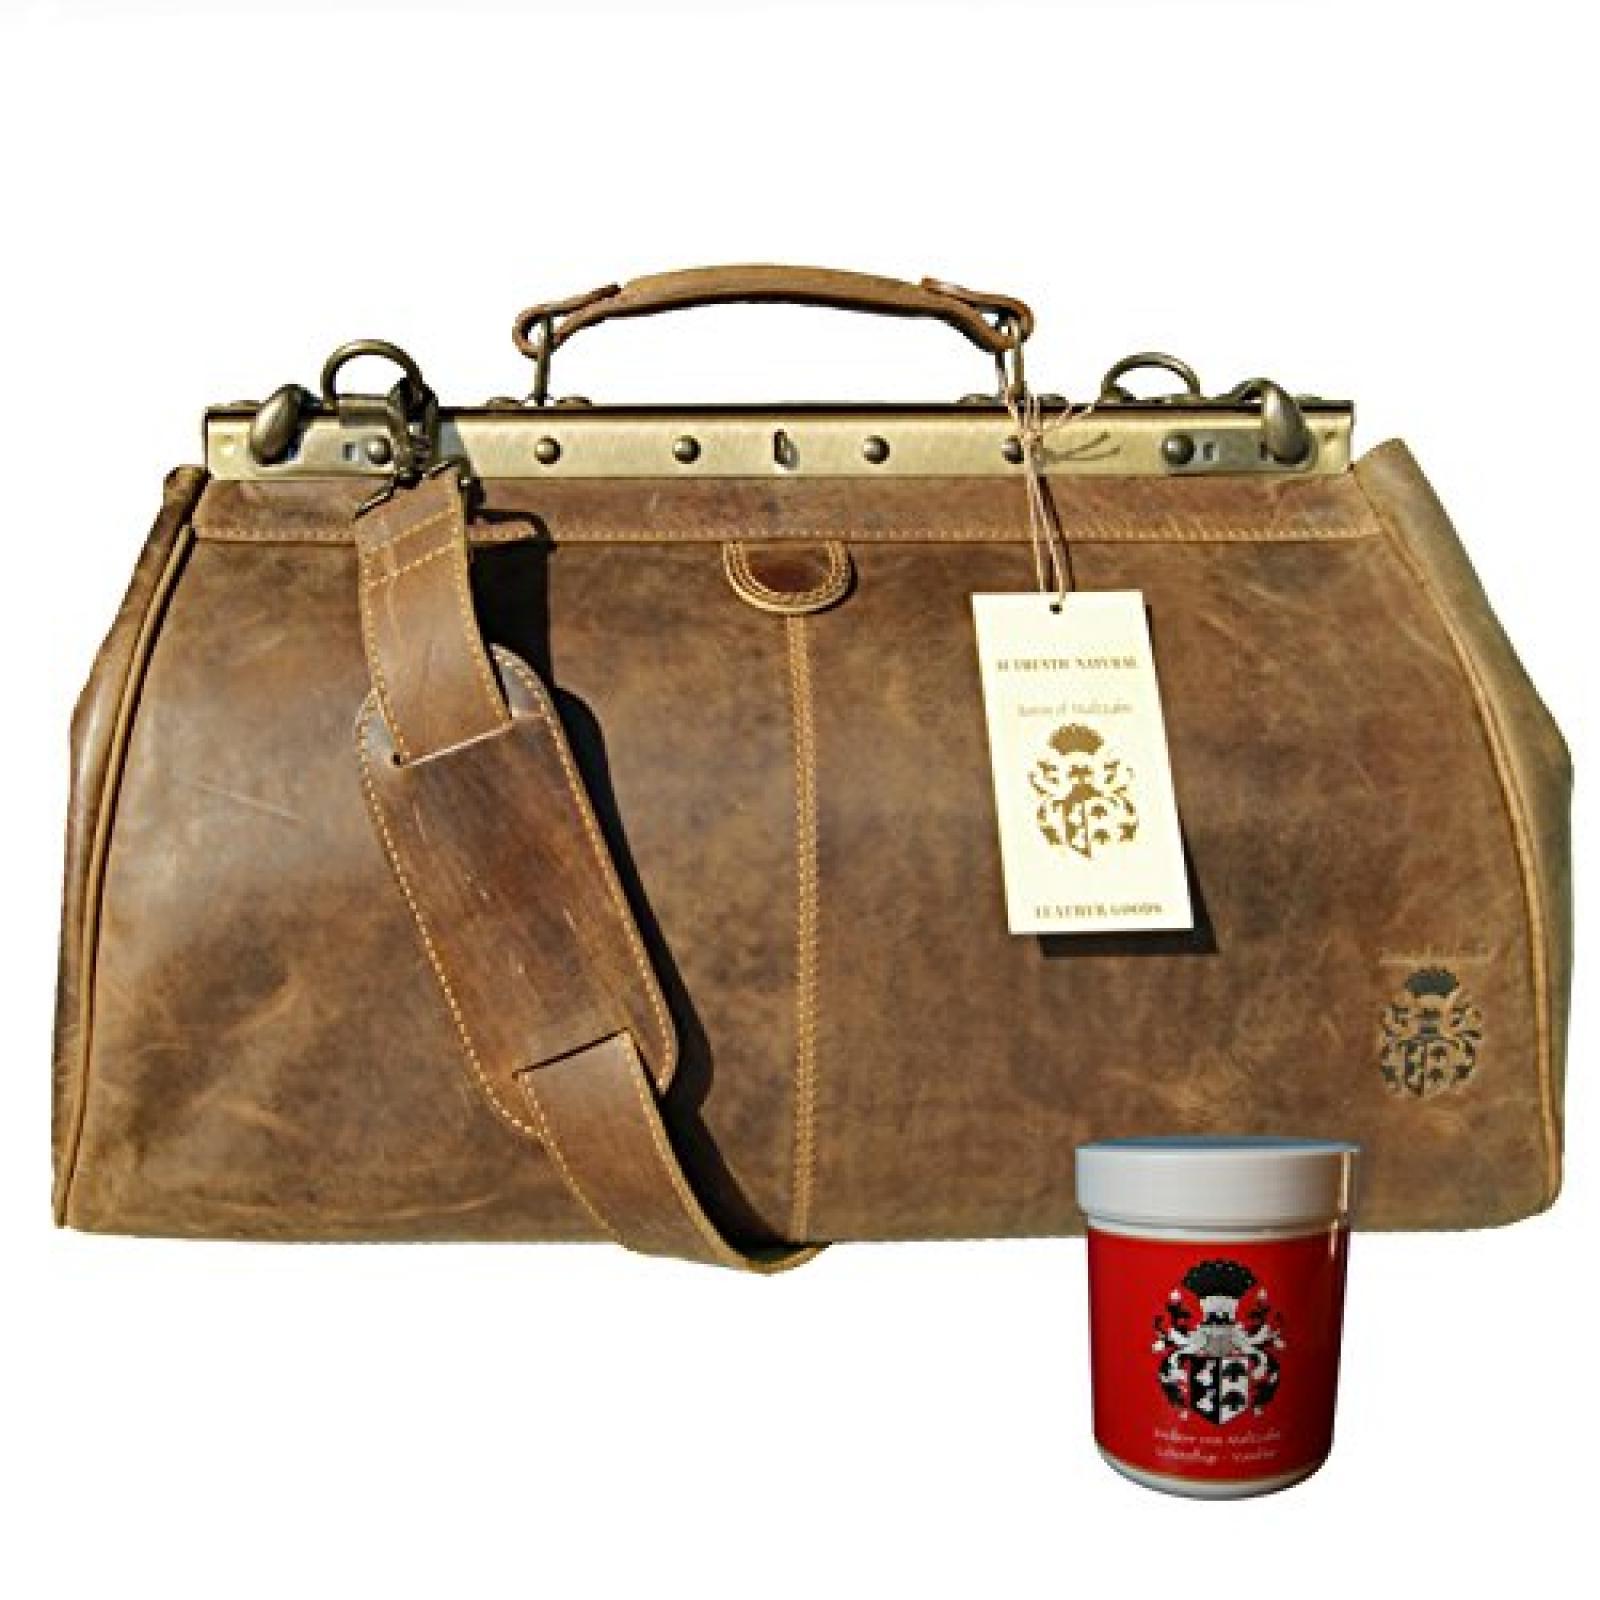 BARON of MALTZAHN Handliche Arzttasche GALAHAD aus braunem Grassland-Leder mit Schultergurt